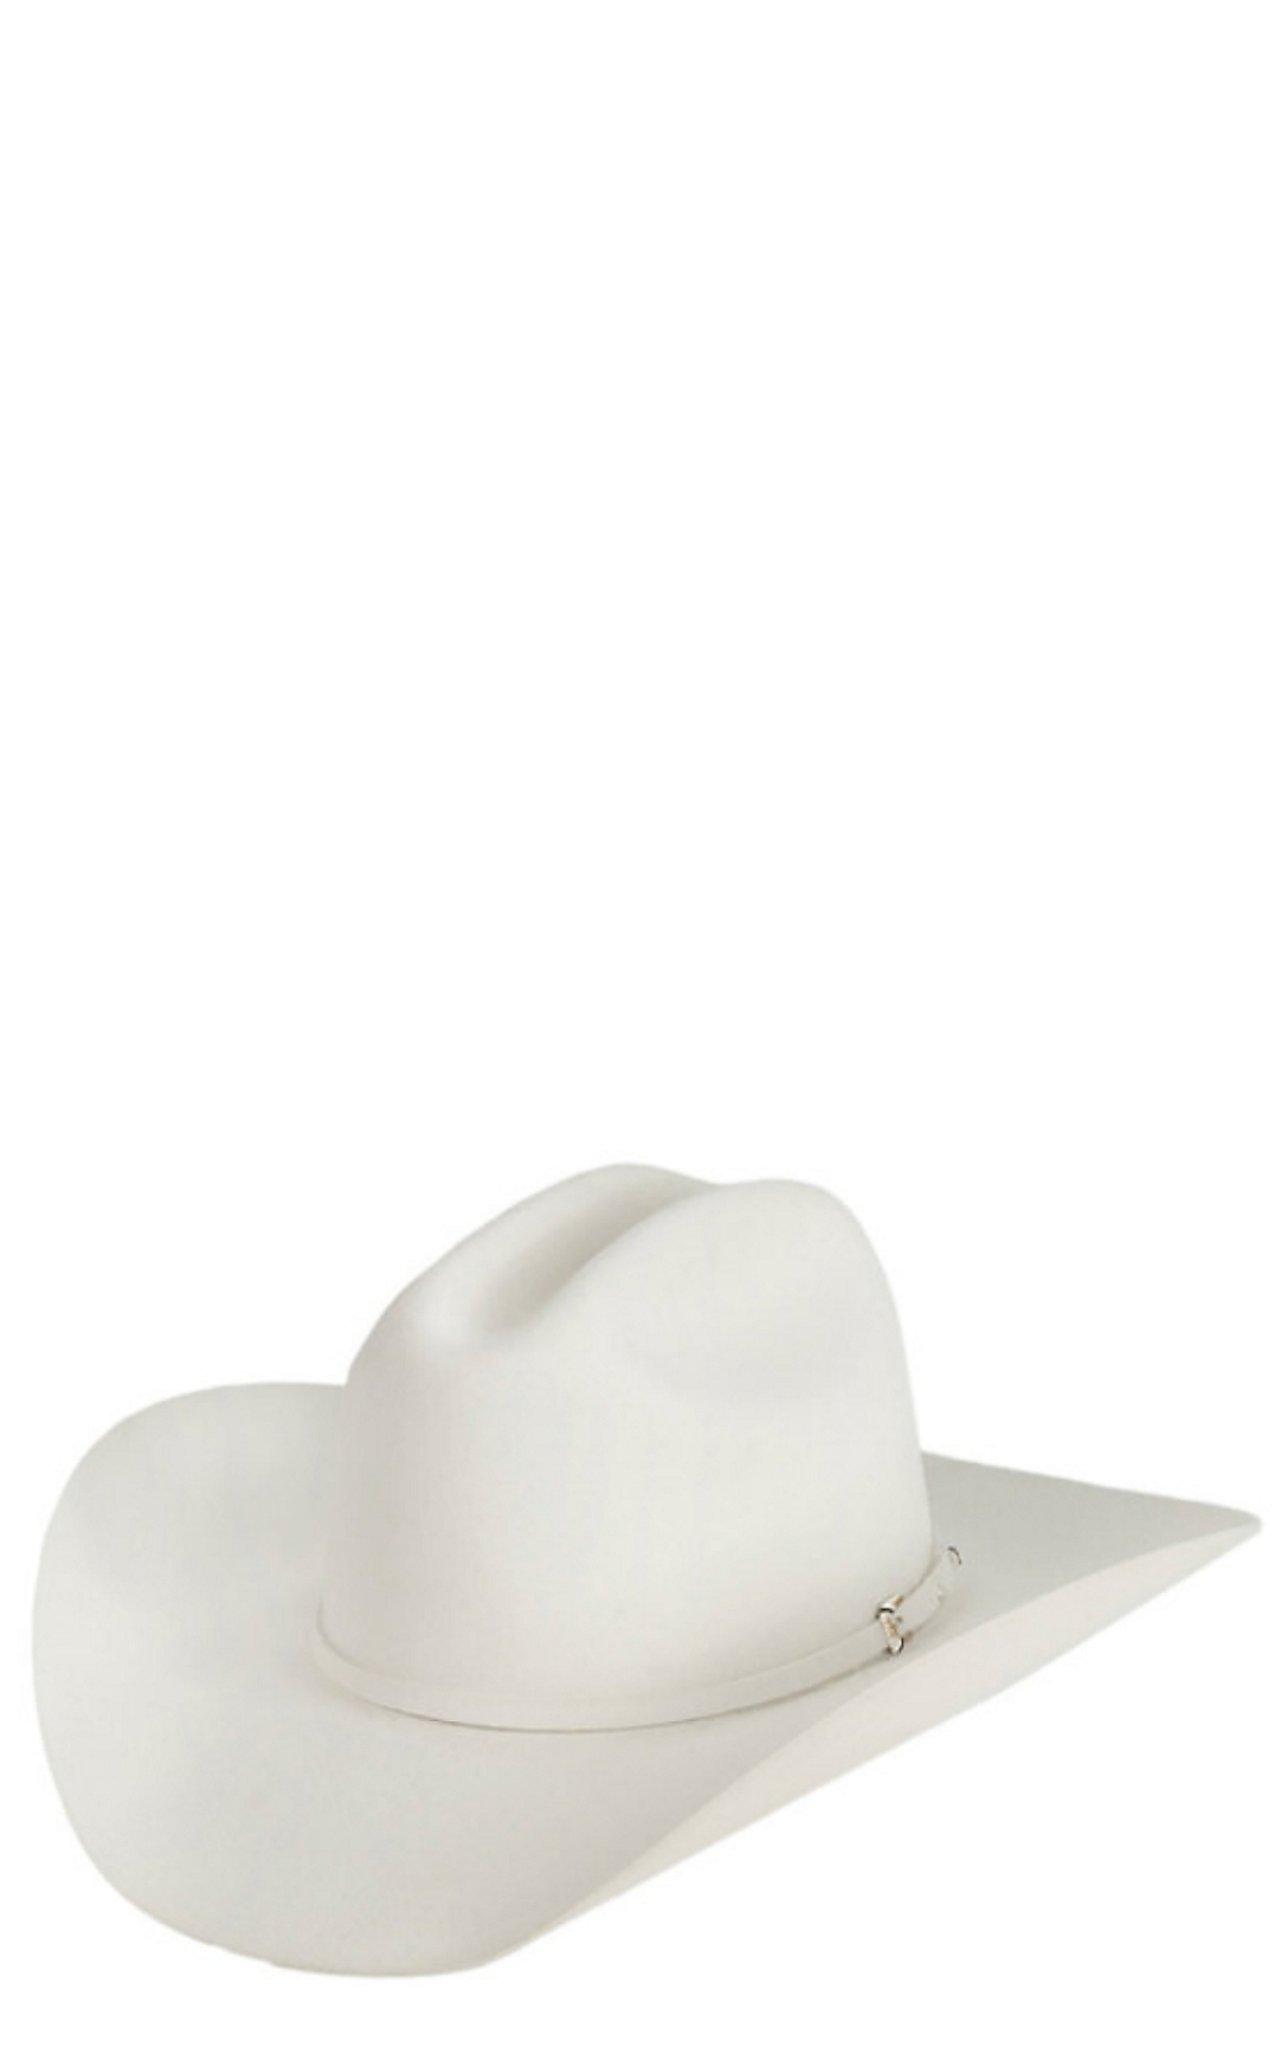 Stetson  Stetson 6X Vera Cruz White Felt Cowboy Hat d32c2d1718c